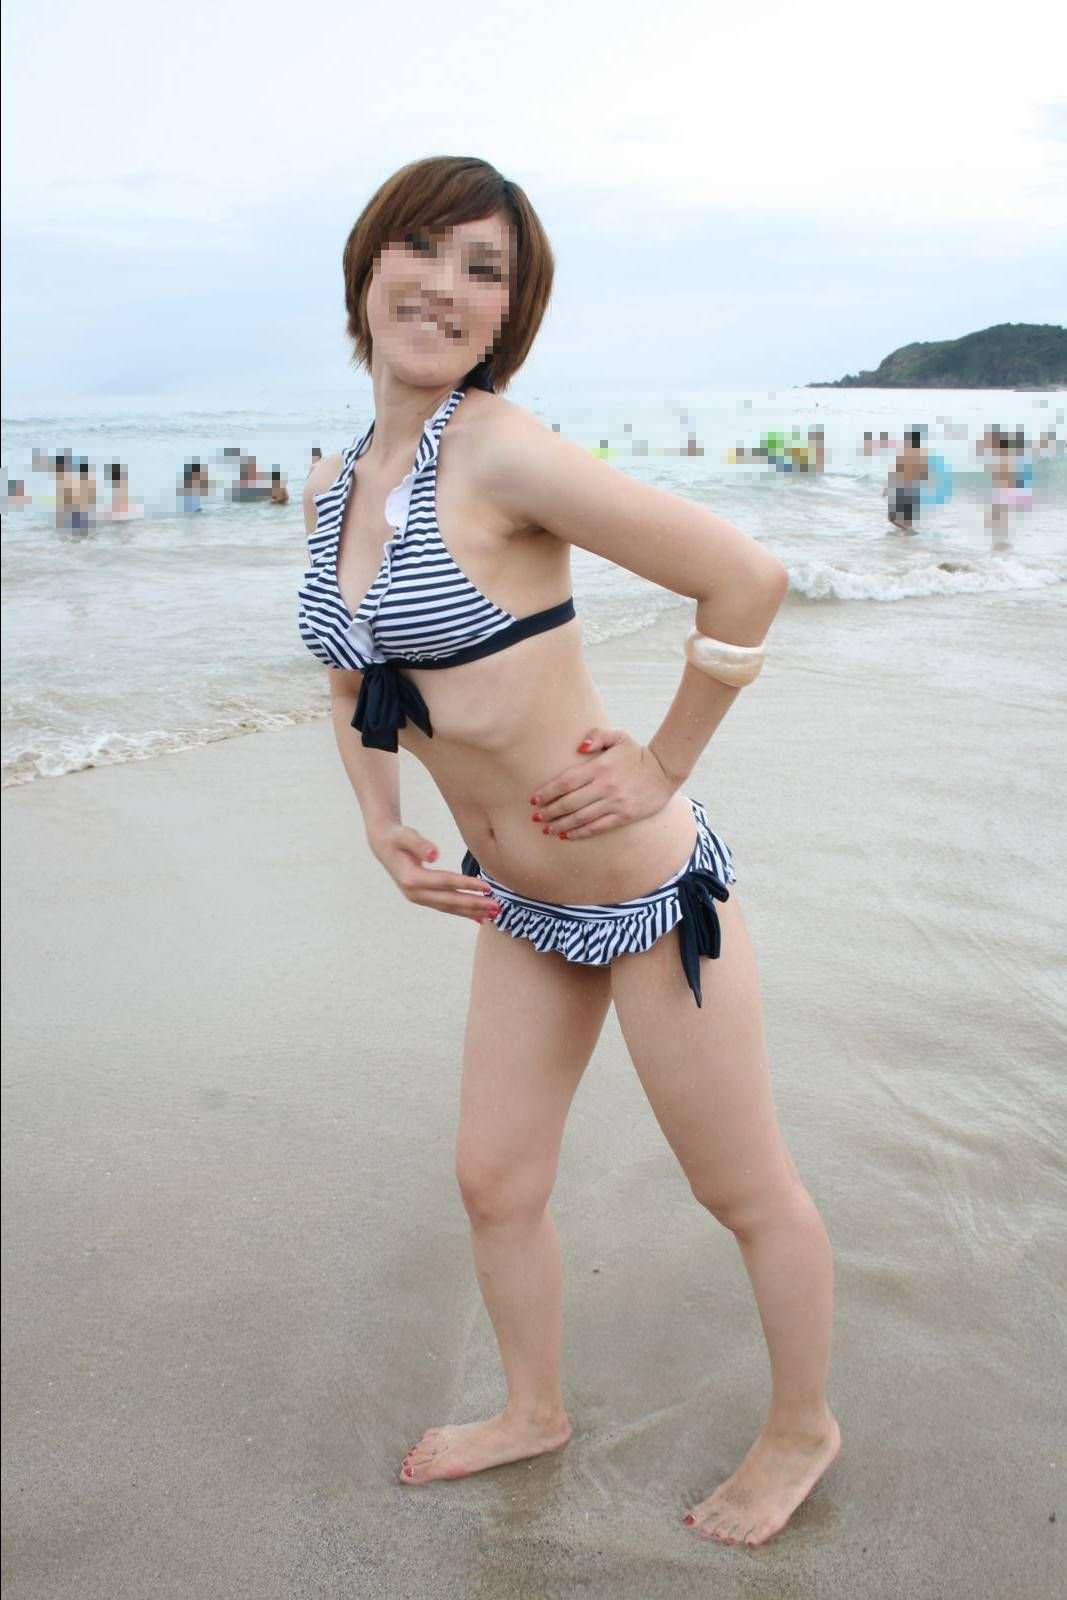 ナンパ待ちのビキニ姿の水着娘が海岸でポーズ決めてるエロ画像 3118